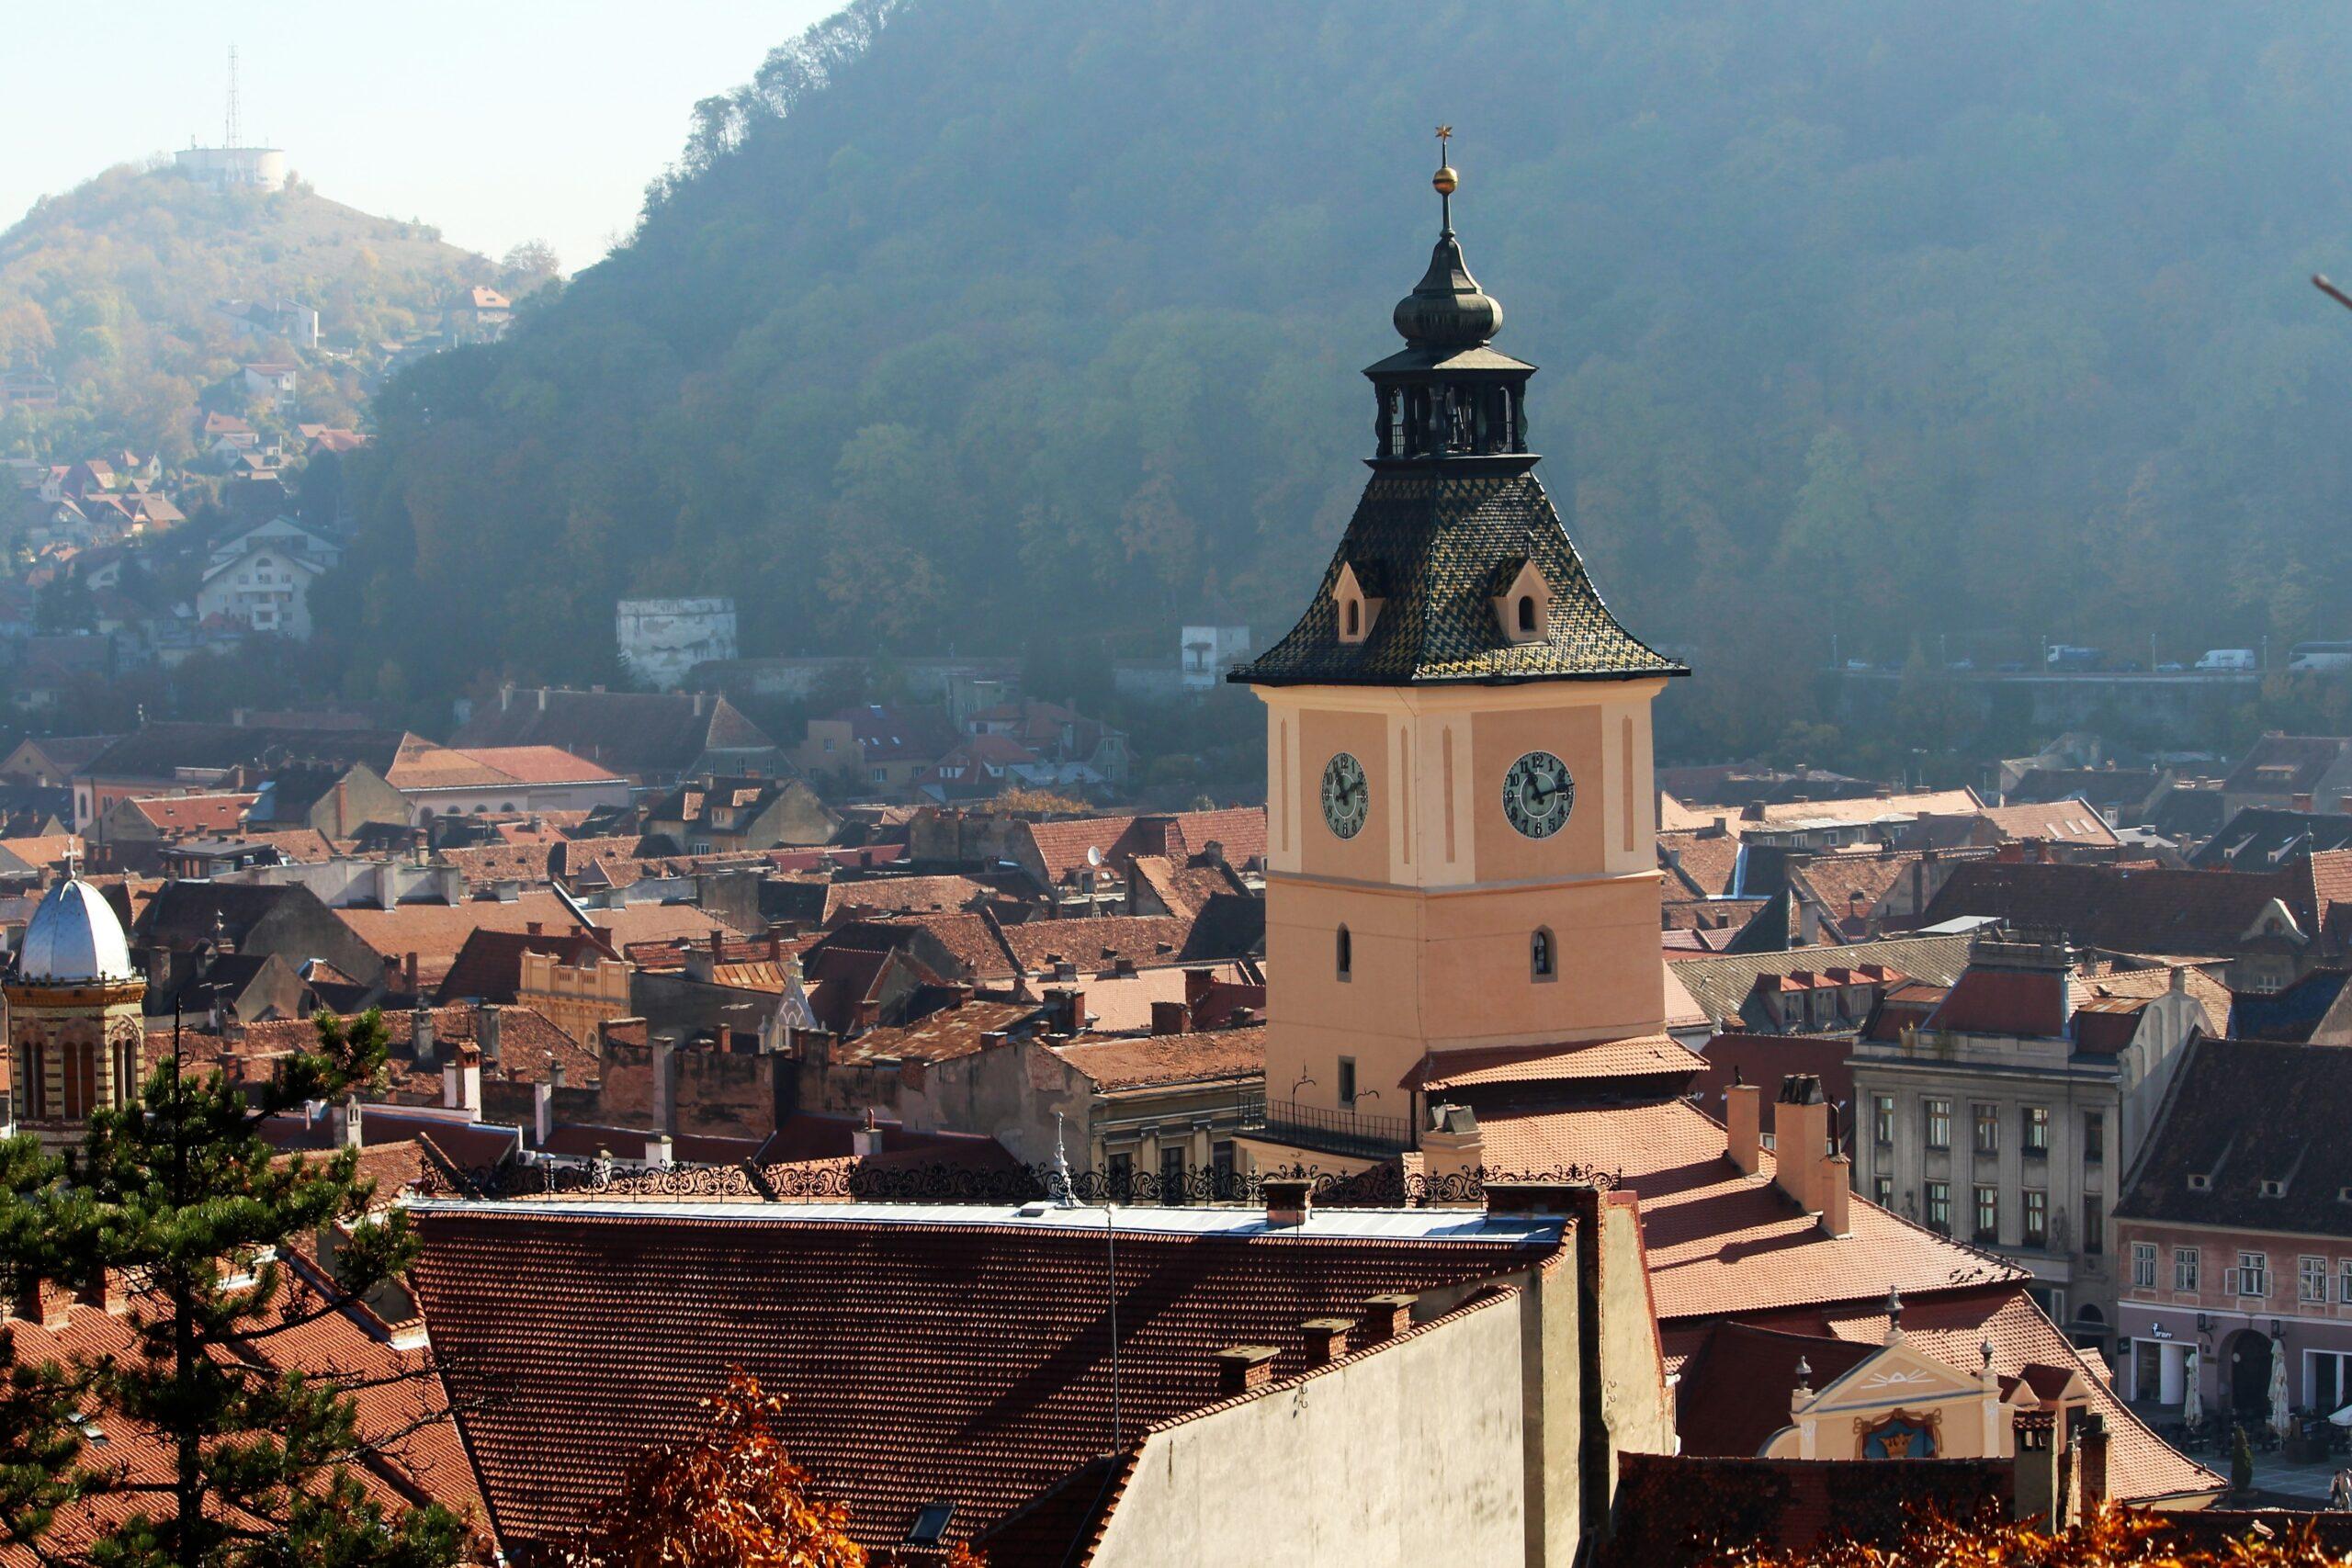 # My Top 5 – Locuri de vizitat in Brasov